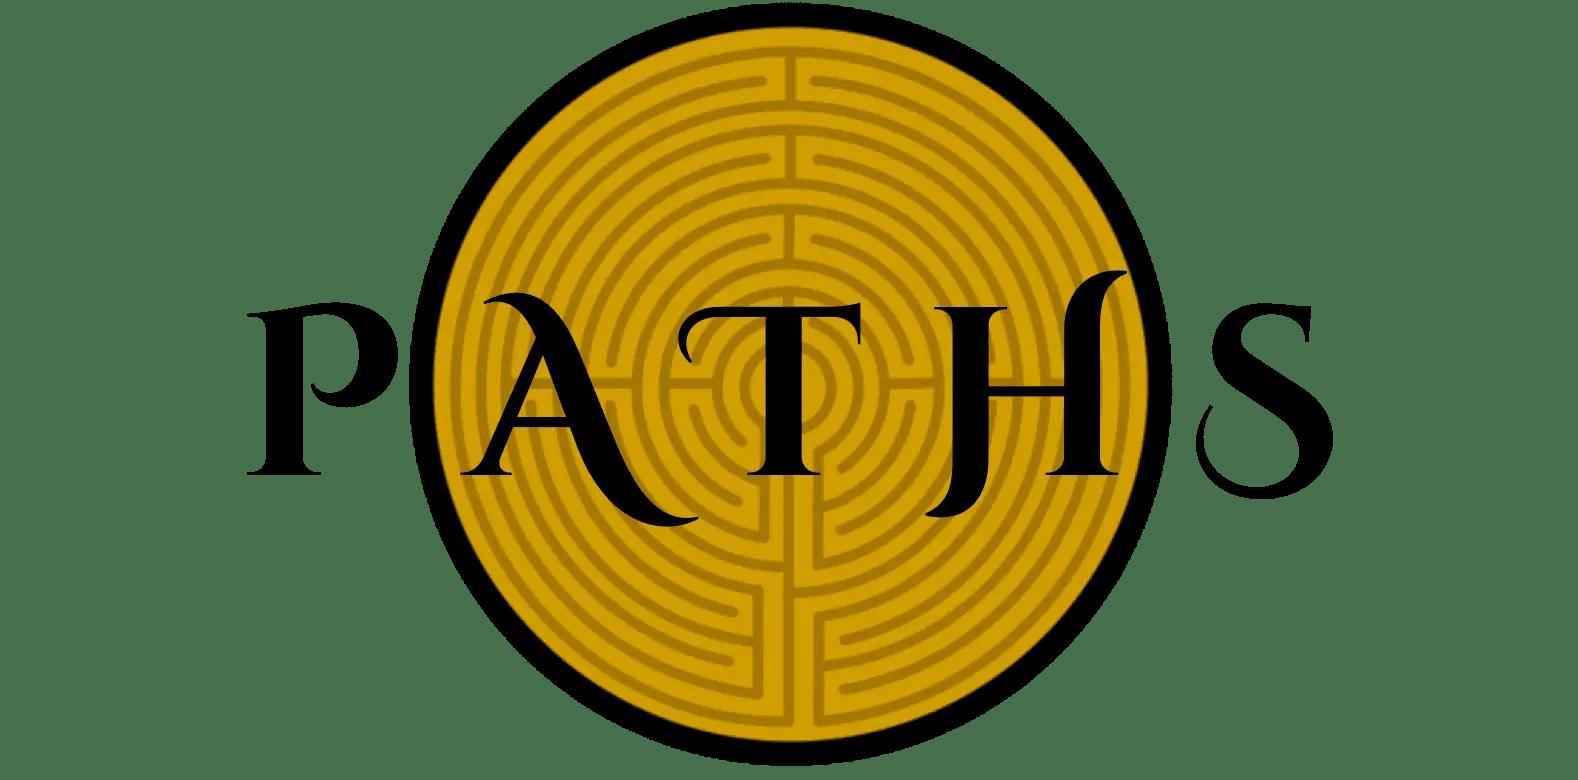 Paths Unwritten